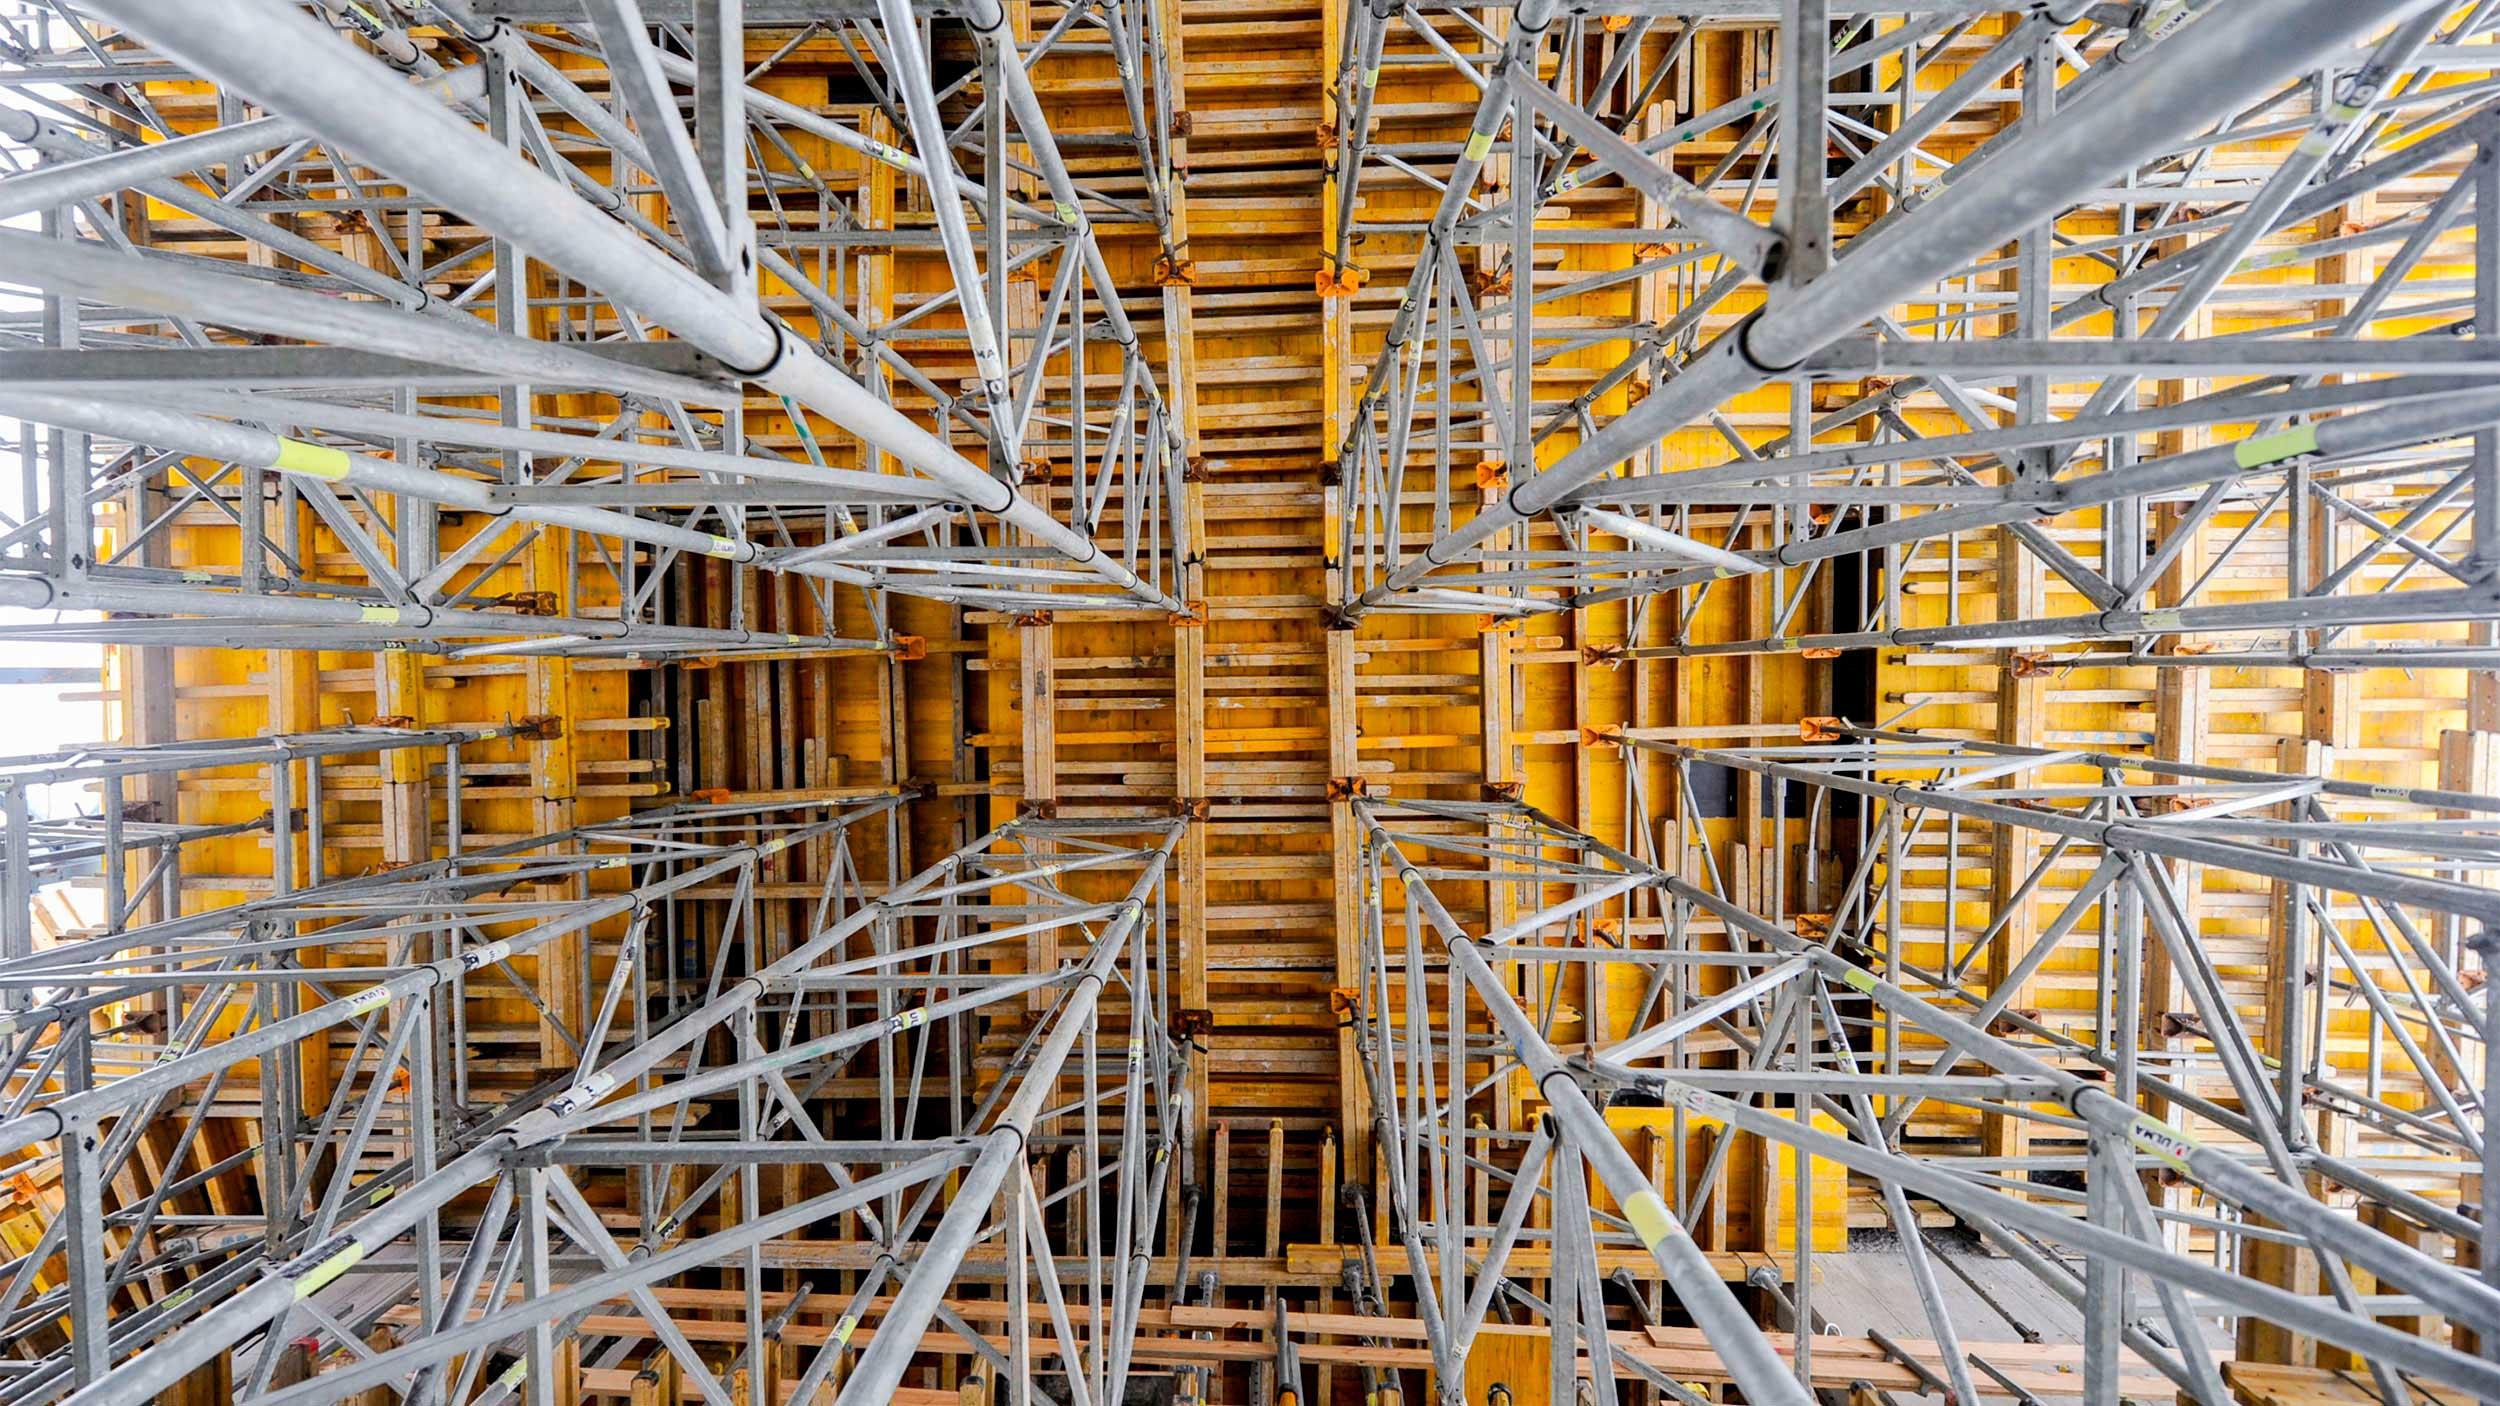 Systemy stalowych wież do podpierania deskowań poziomych. Rozwiązania wykorzystywane w budownictwie kubaturowym oraz inżynieryjnym.